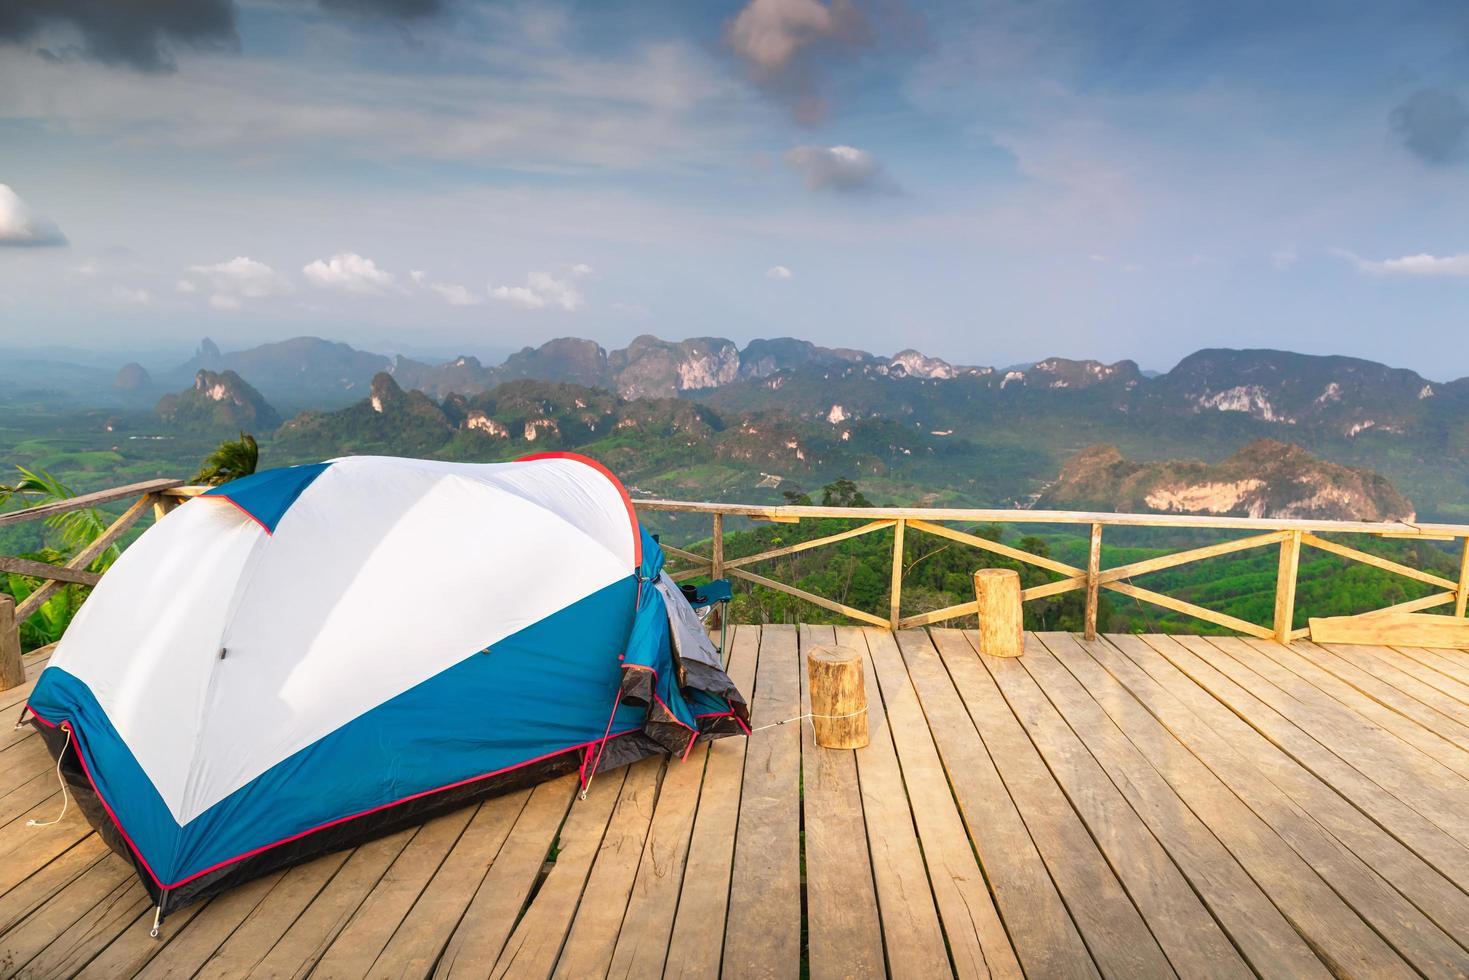 tenda sul ponte di legno foto